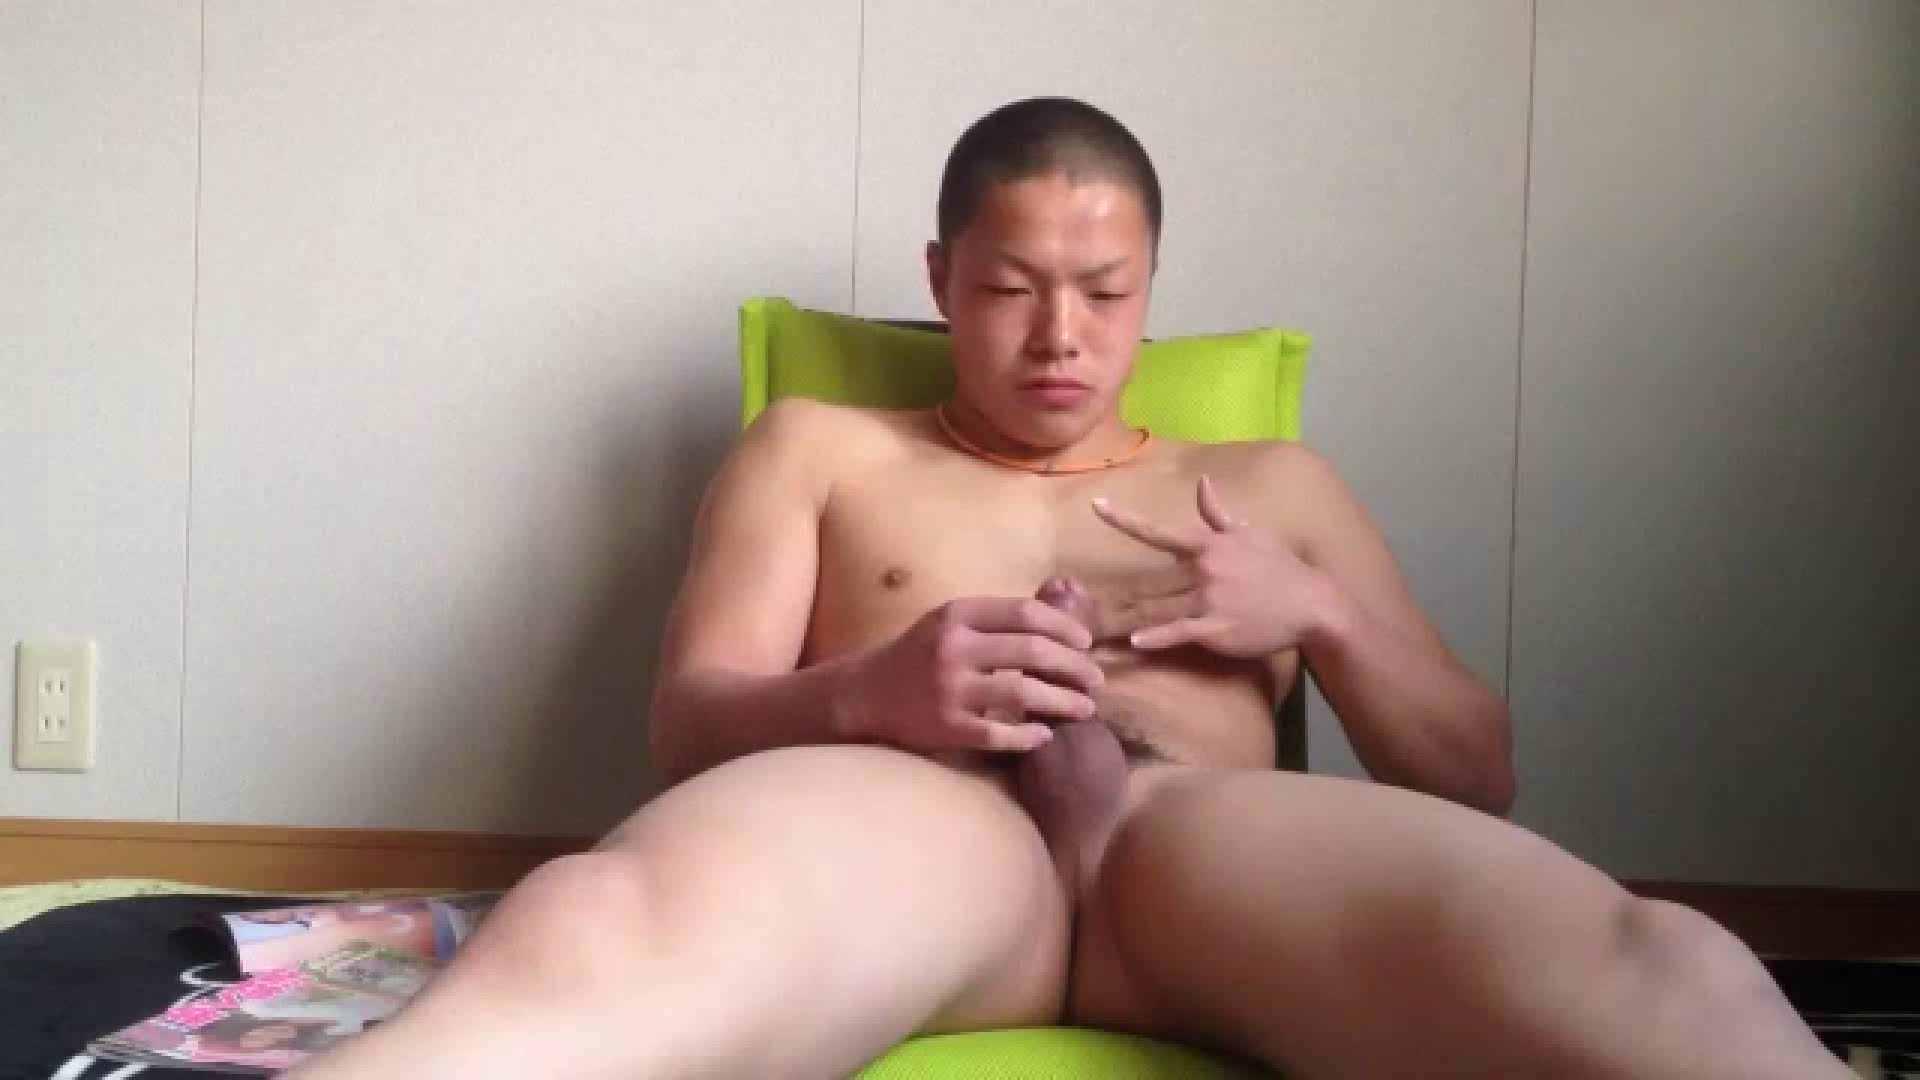 俺の新鮮なミルクはいかが? Vol.11 男天国 | オナニー特集  83pic 12